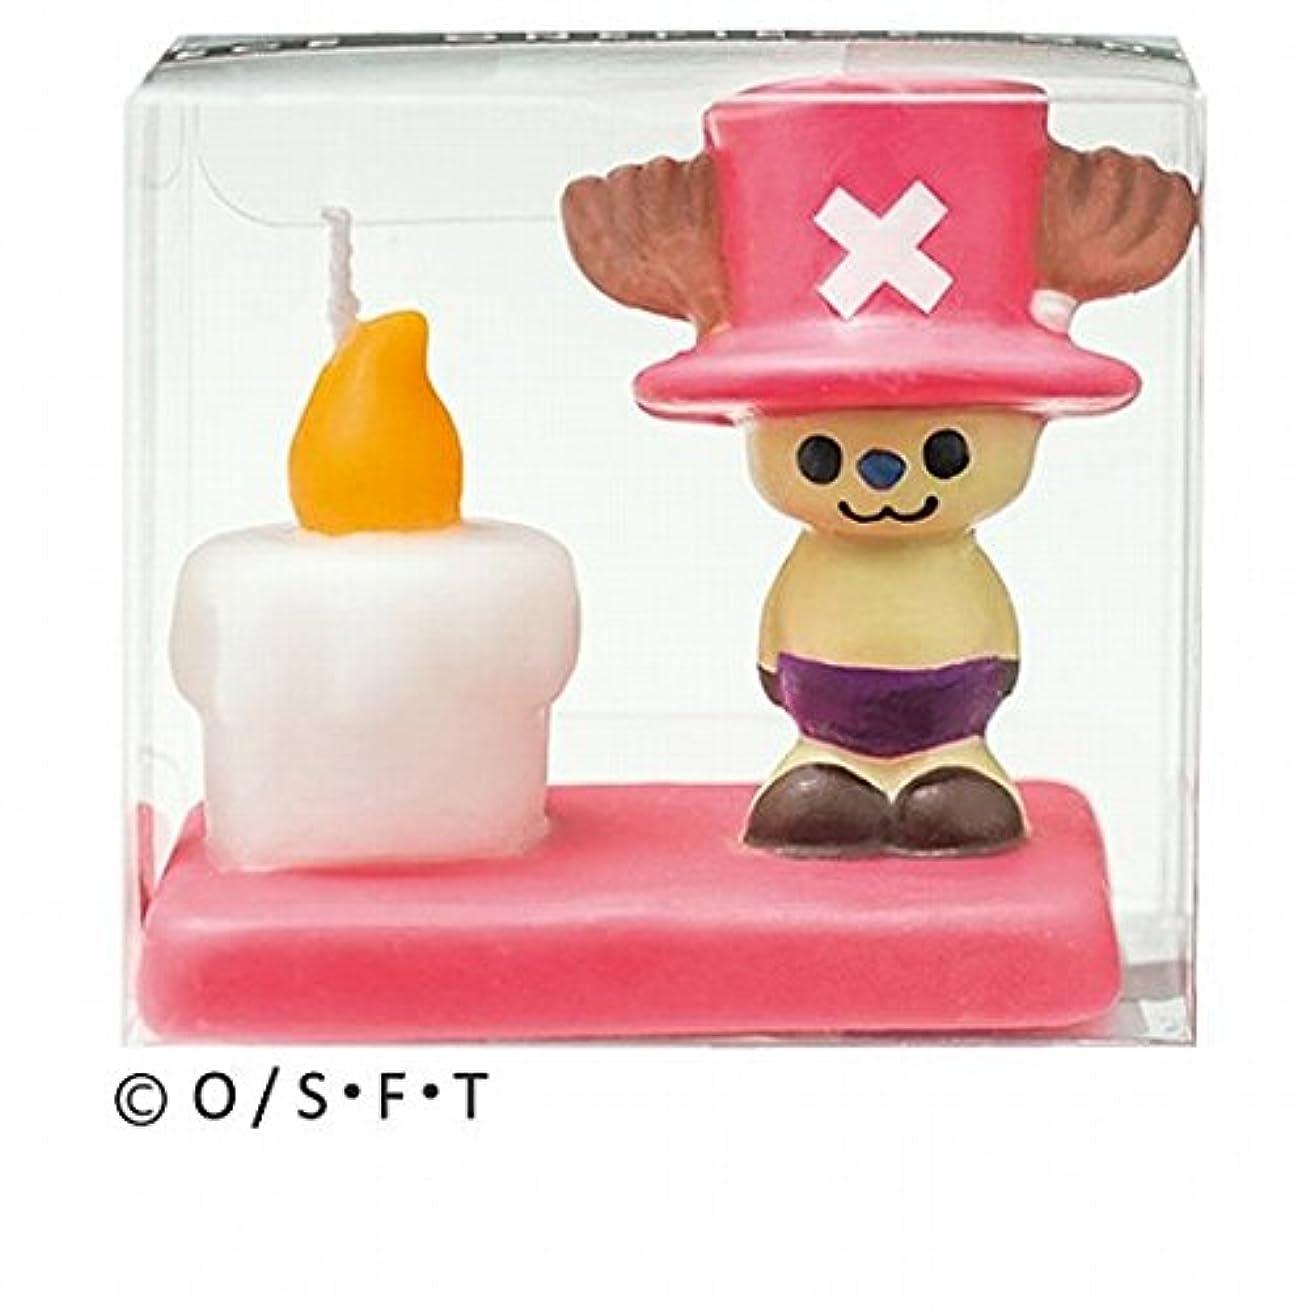 トランペット騙すペストカメヤマキャンドル(kameyama candle) チョッパーキャンドル